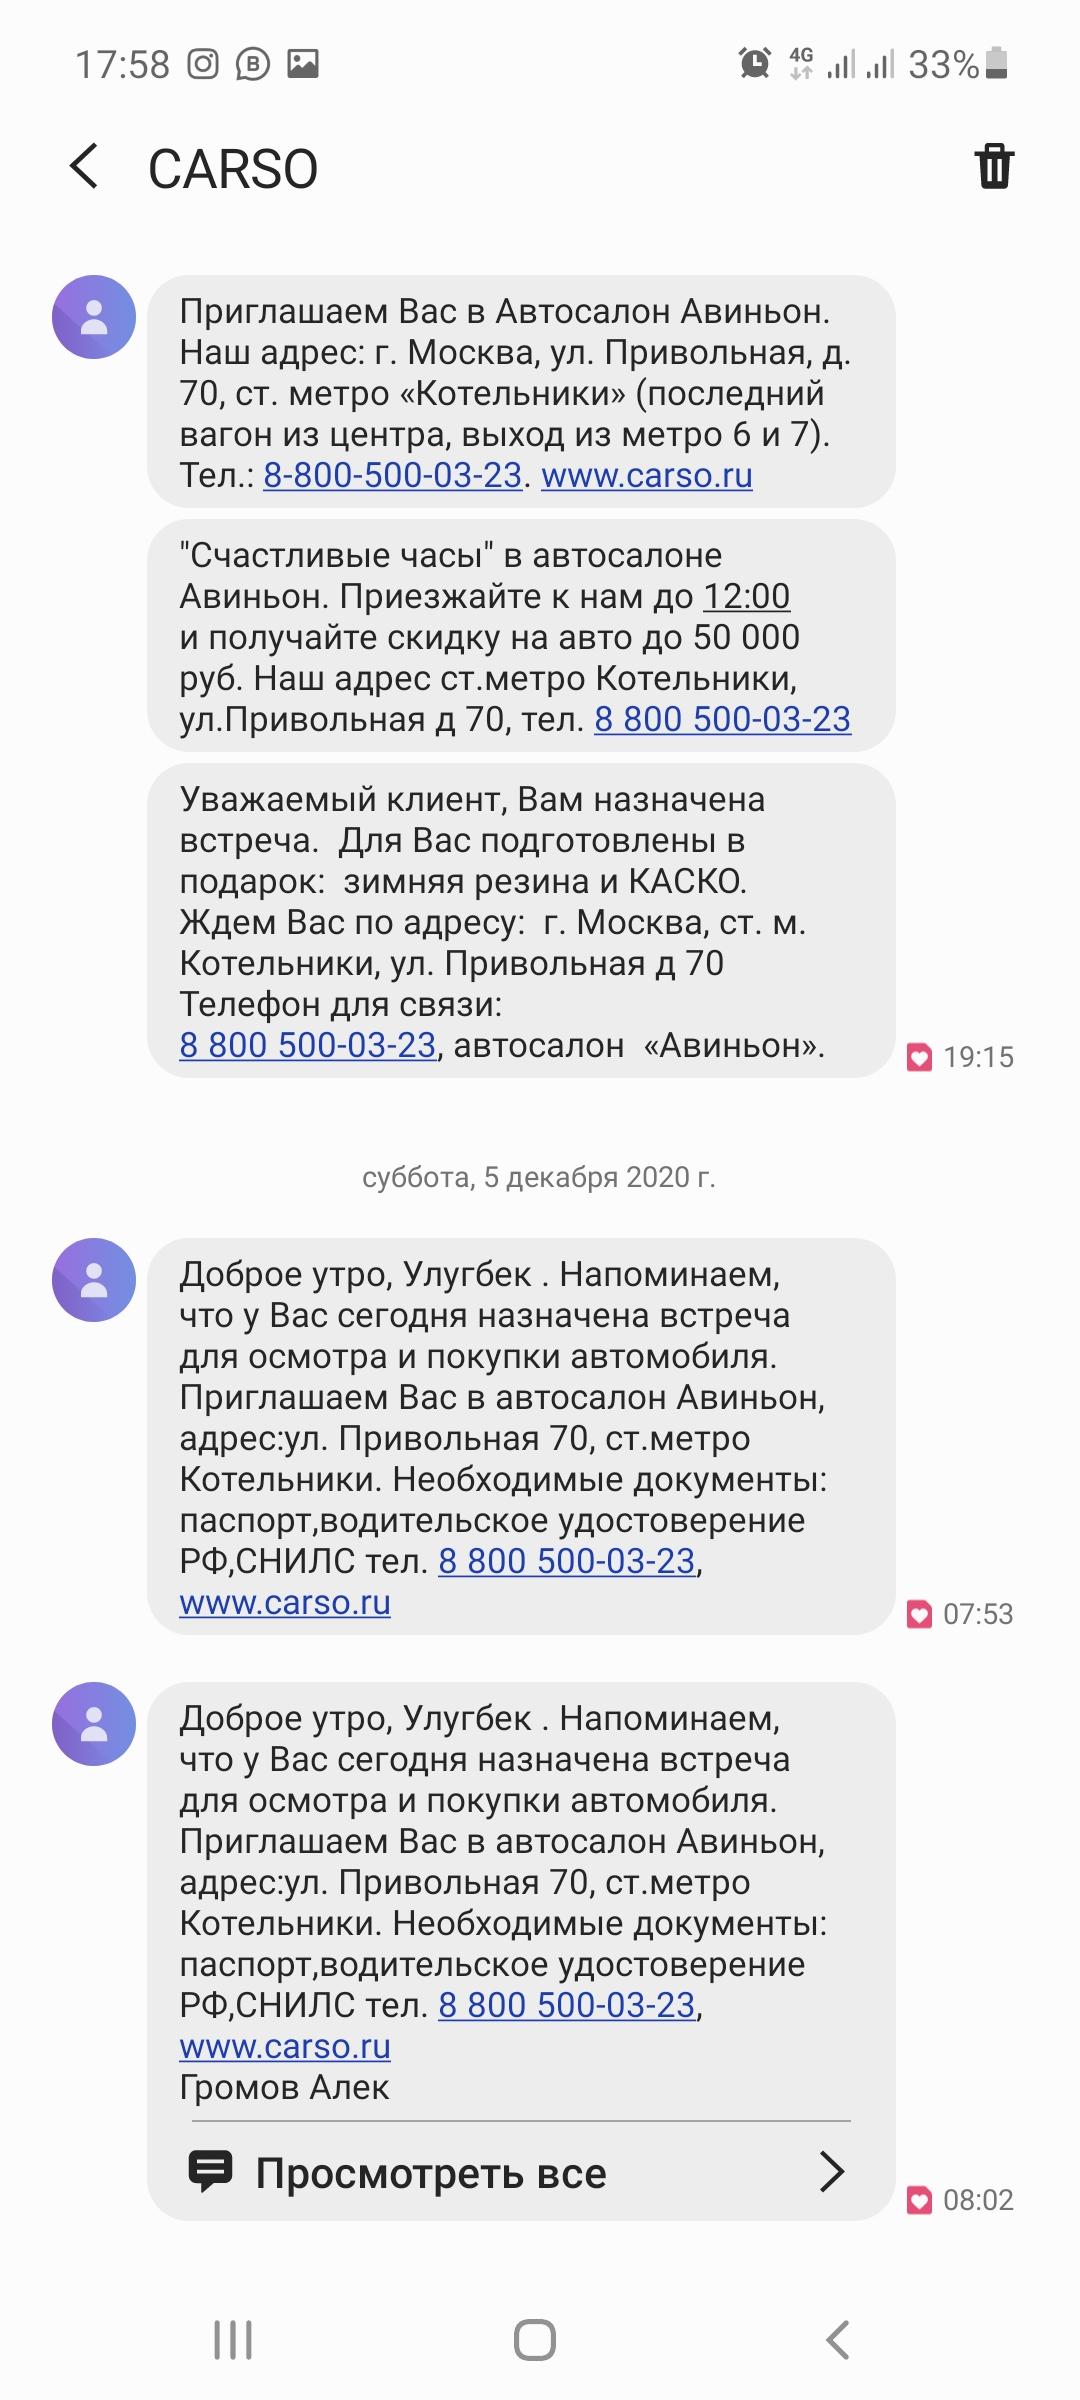 /images/reviews/Screenshot_20201205-175808_Messages.jpg